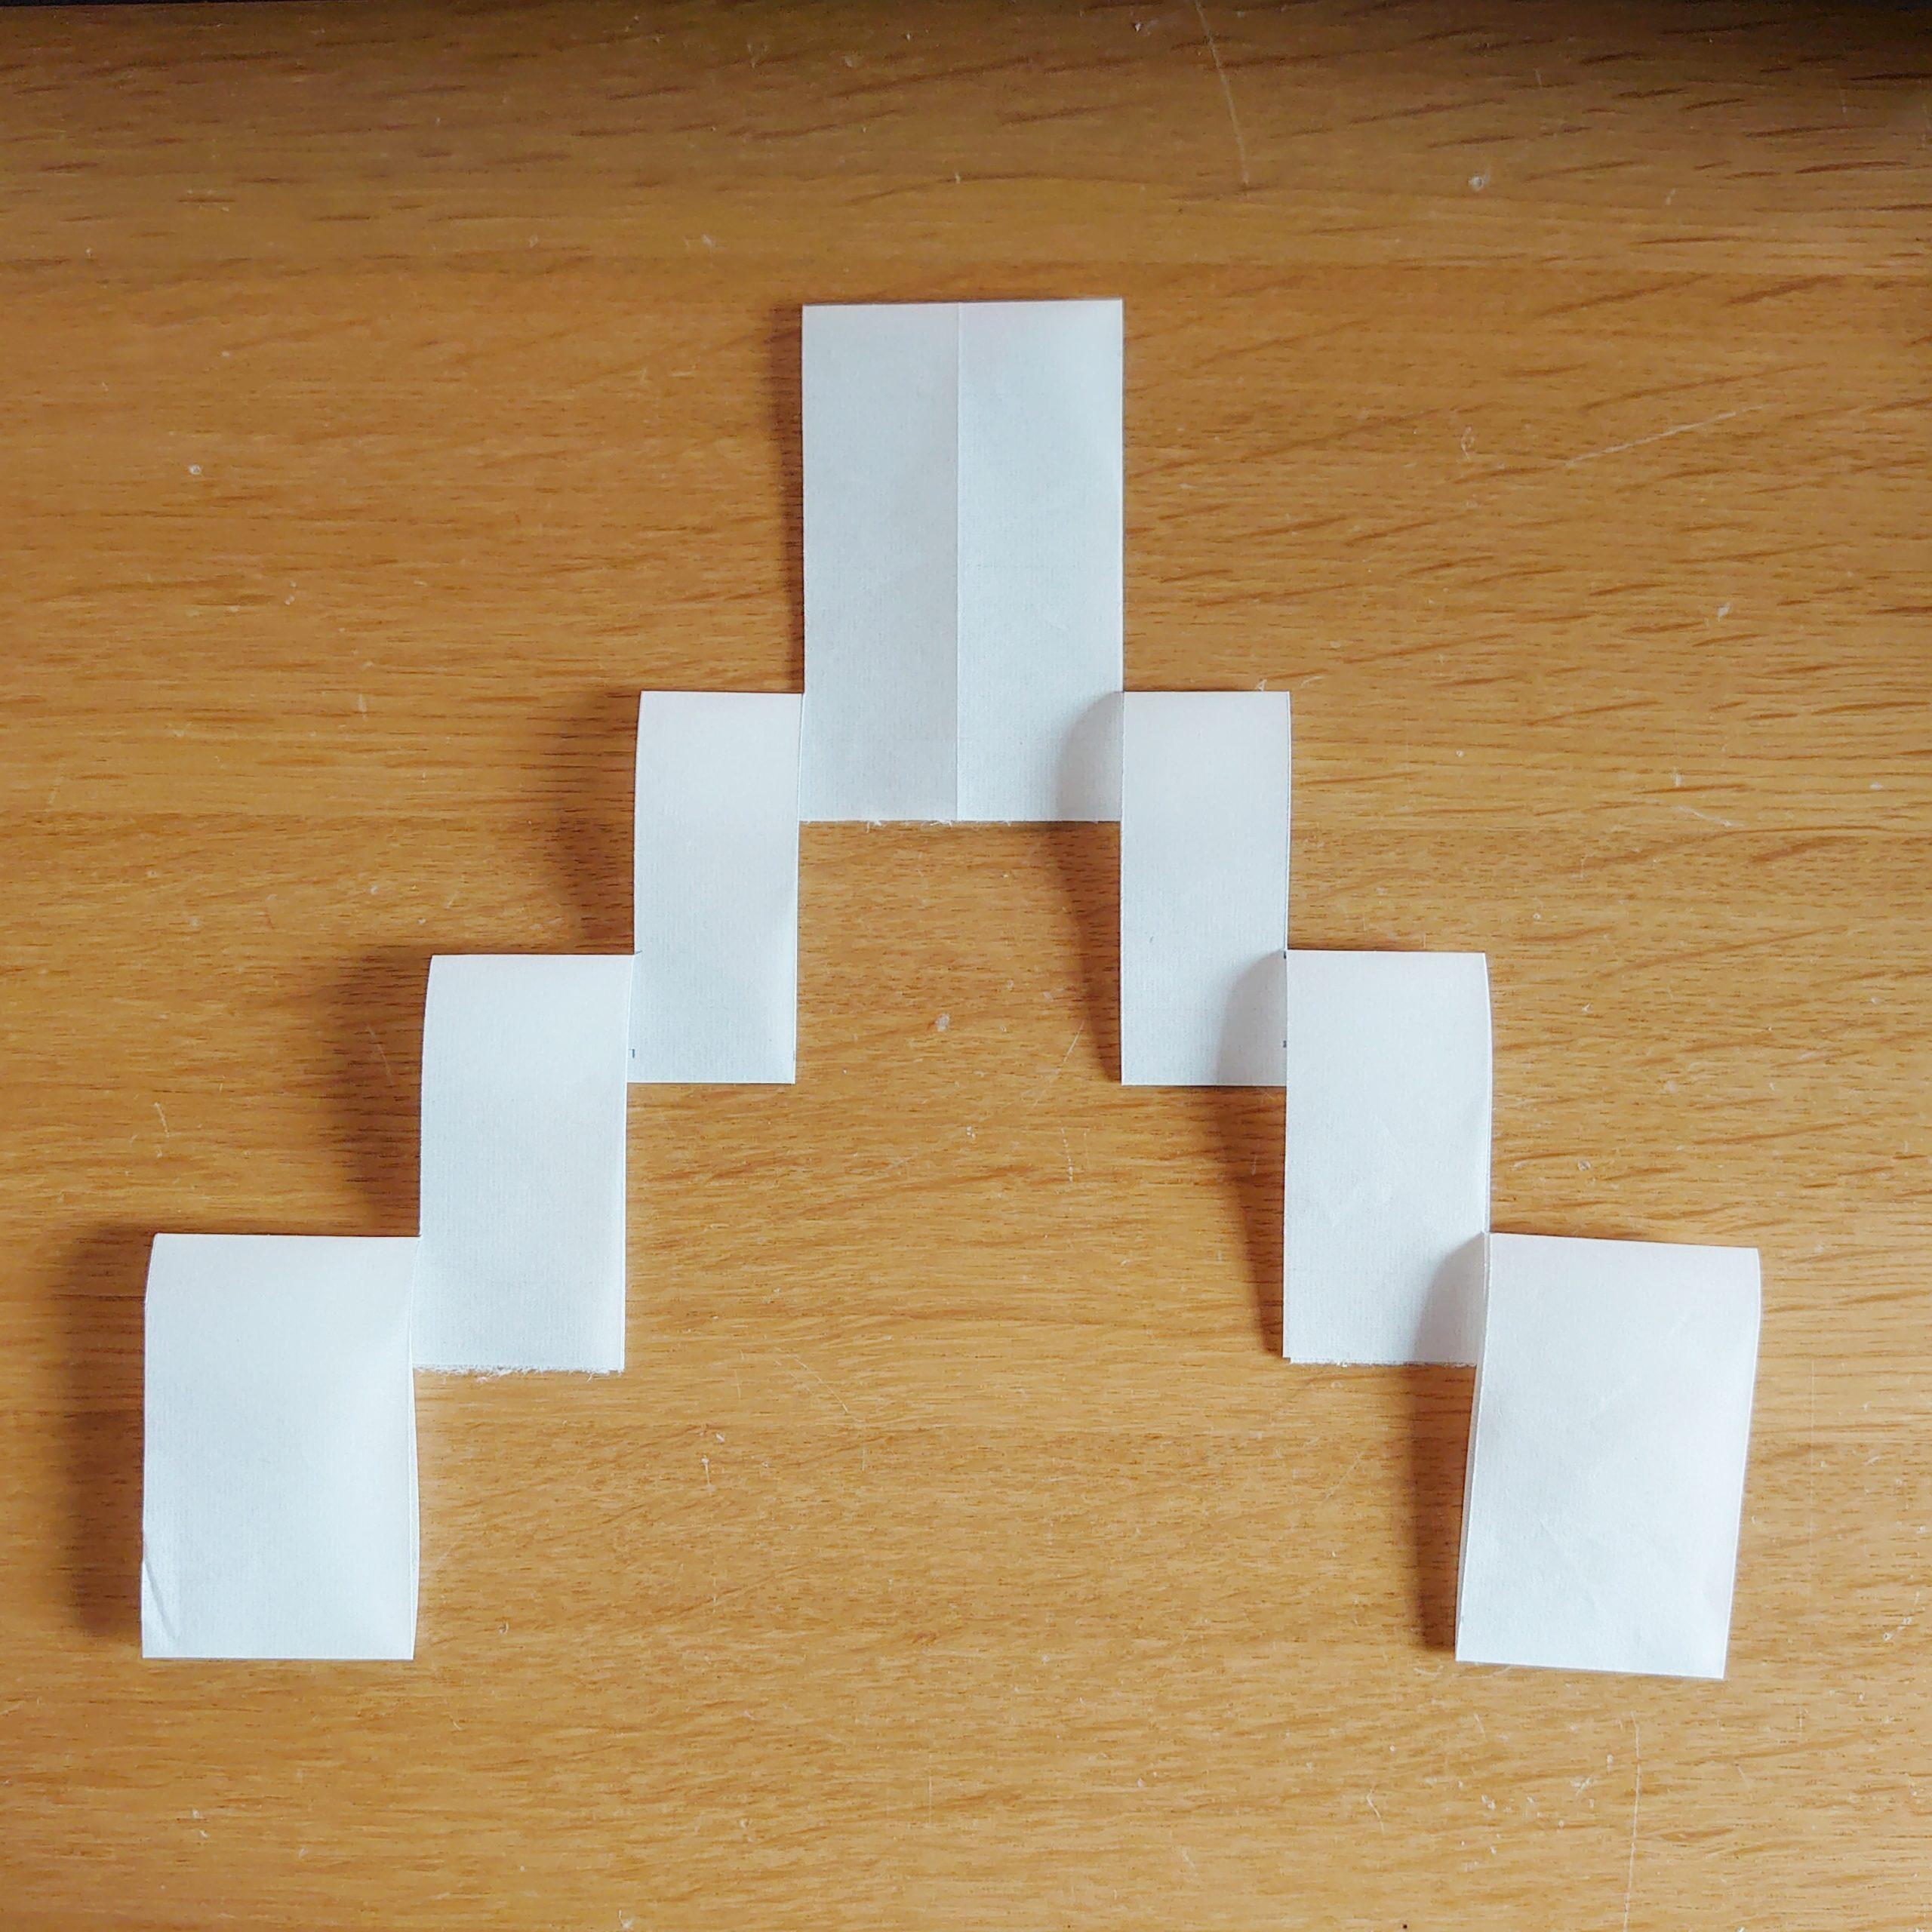 自分で作れる!鏡餅の御幣(紙垂)の作り方。御幣は何のため?